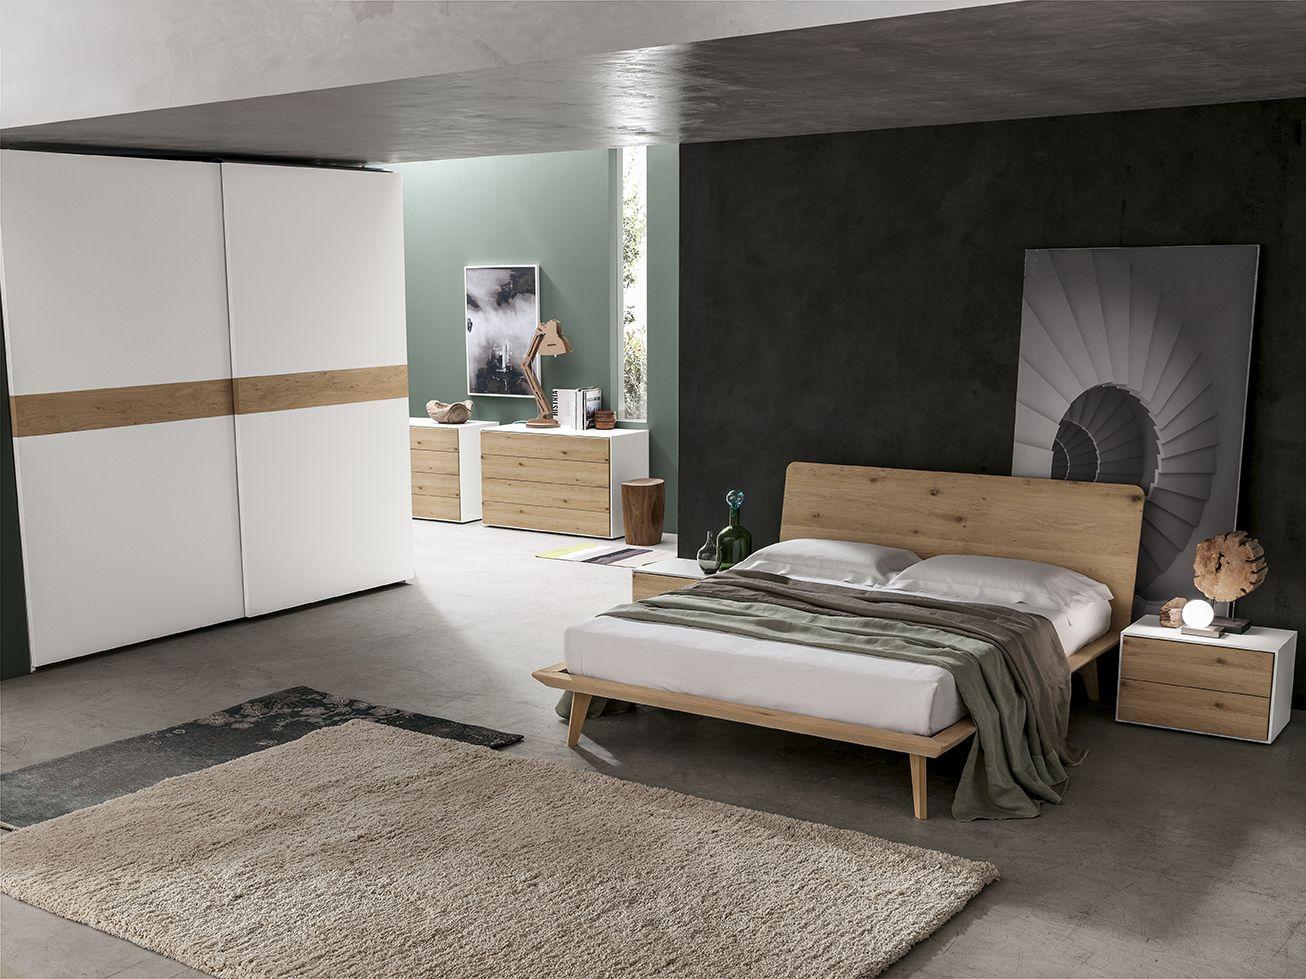 Gallery of letto bed arredamenti casa with arredamenti moderno for Sparaco arredamenti